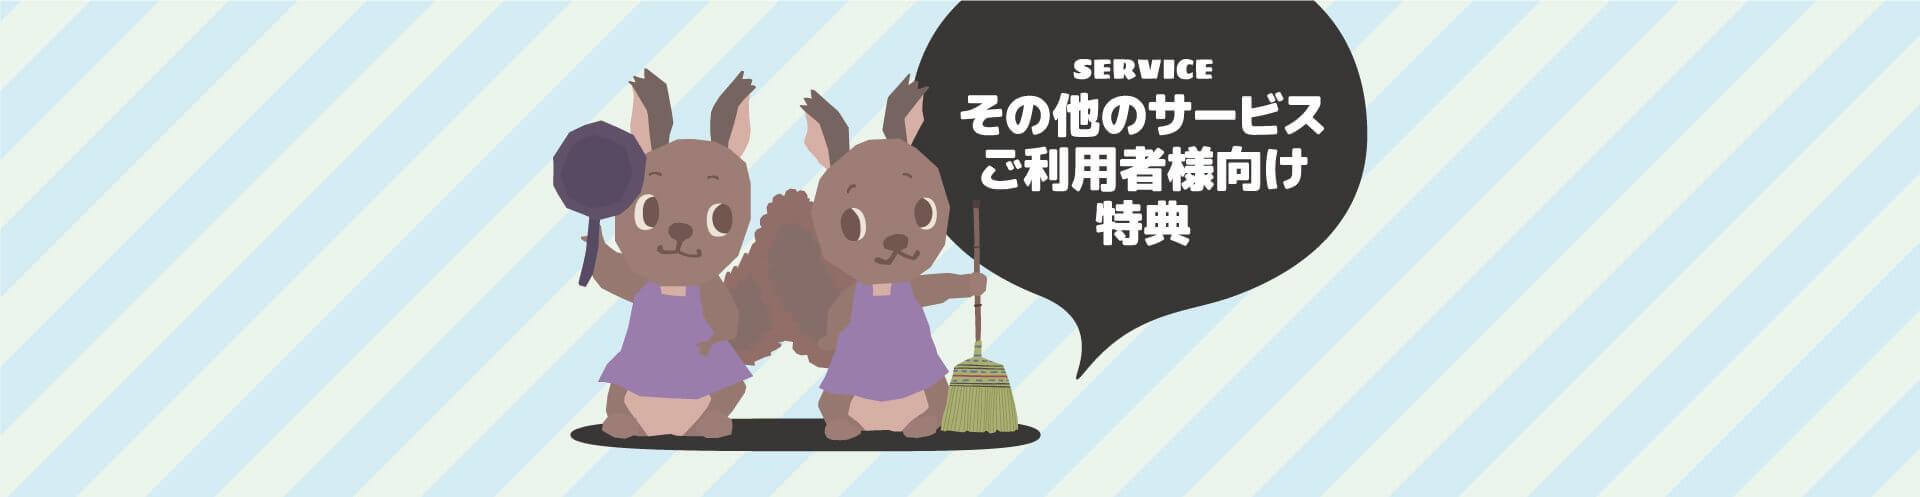 service-その他のサービス・ご利用様向け特典